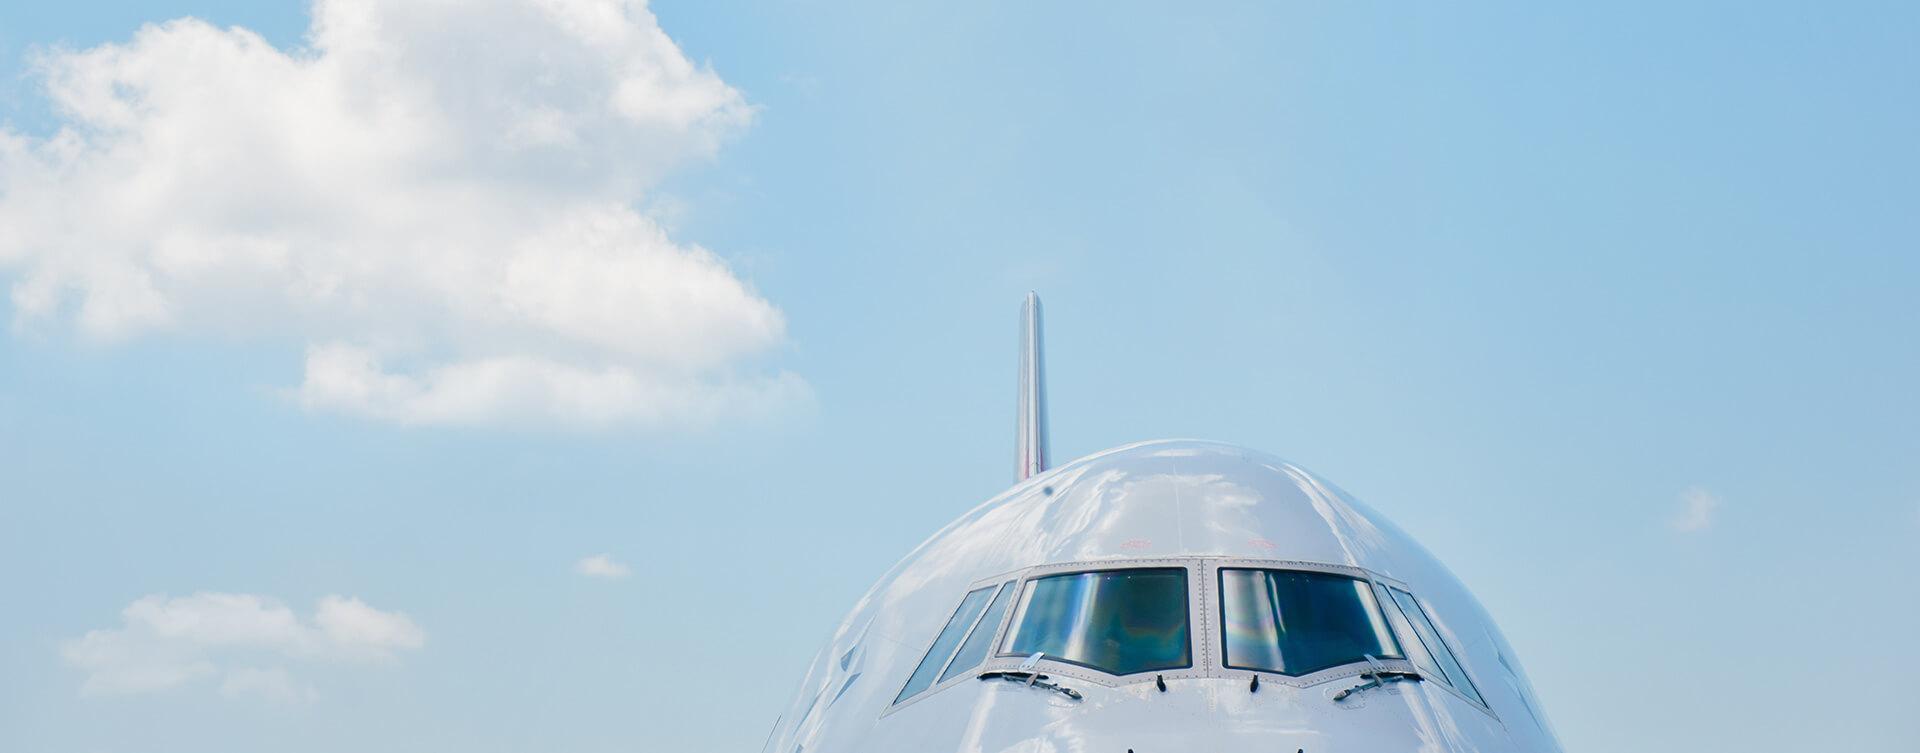 Cloud > Aerospace & Defense > Dassault Systèmes®